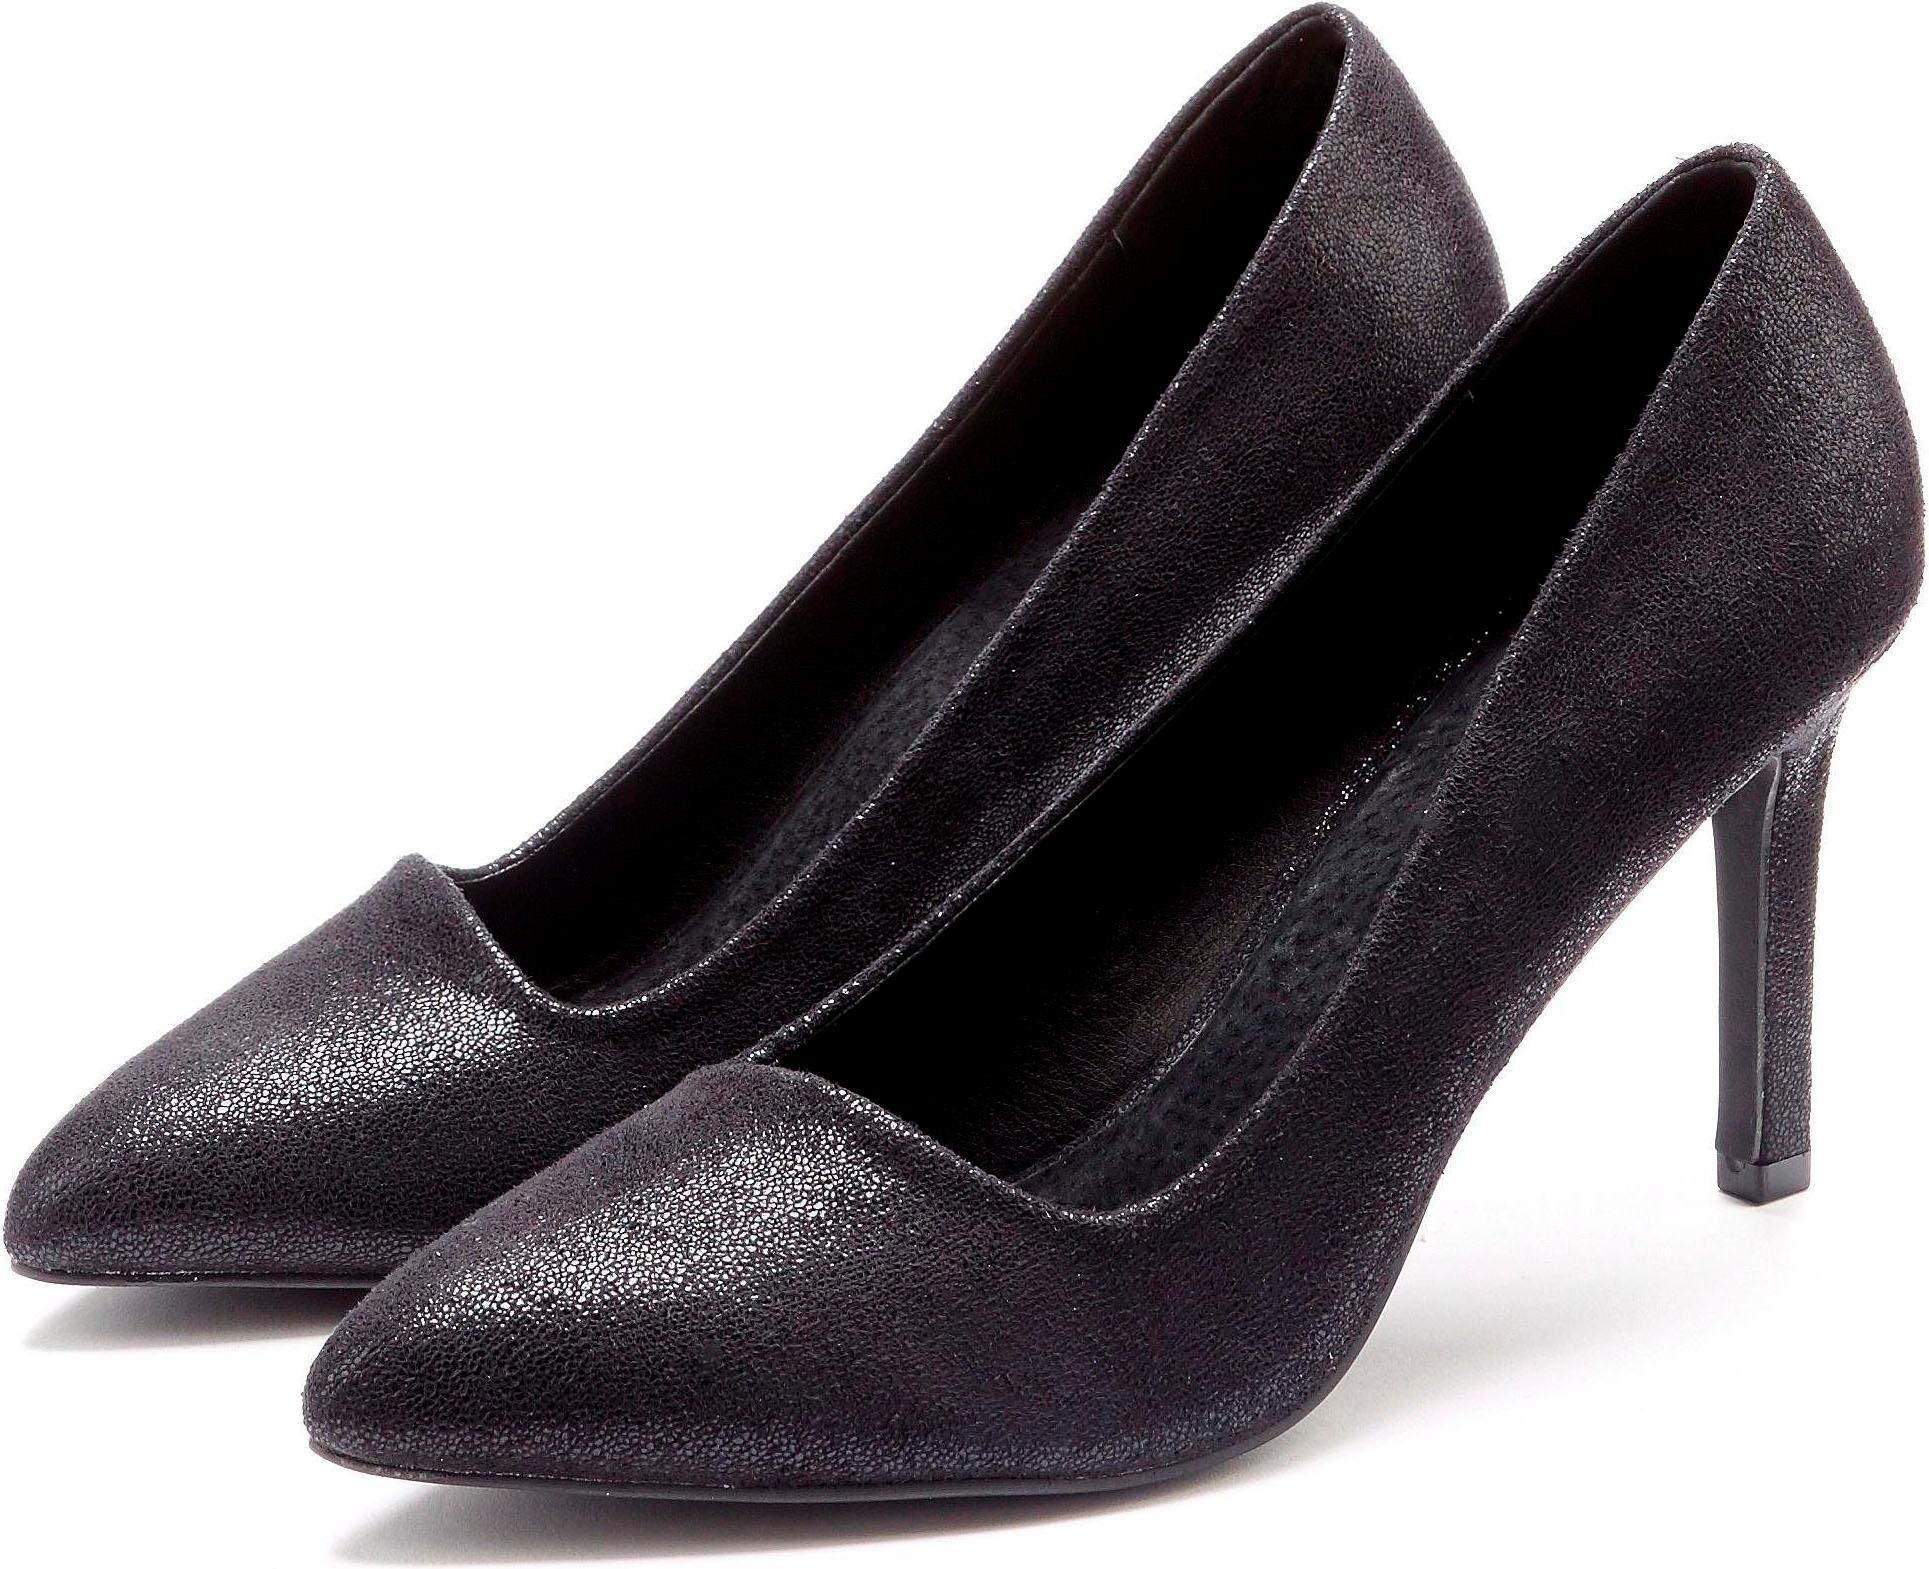 LASCANA High-Heel-Pumps | Schuhe > High Heels > High Heel Pumps | Lascana